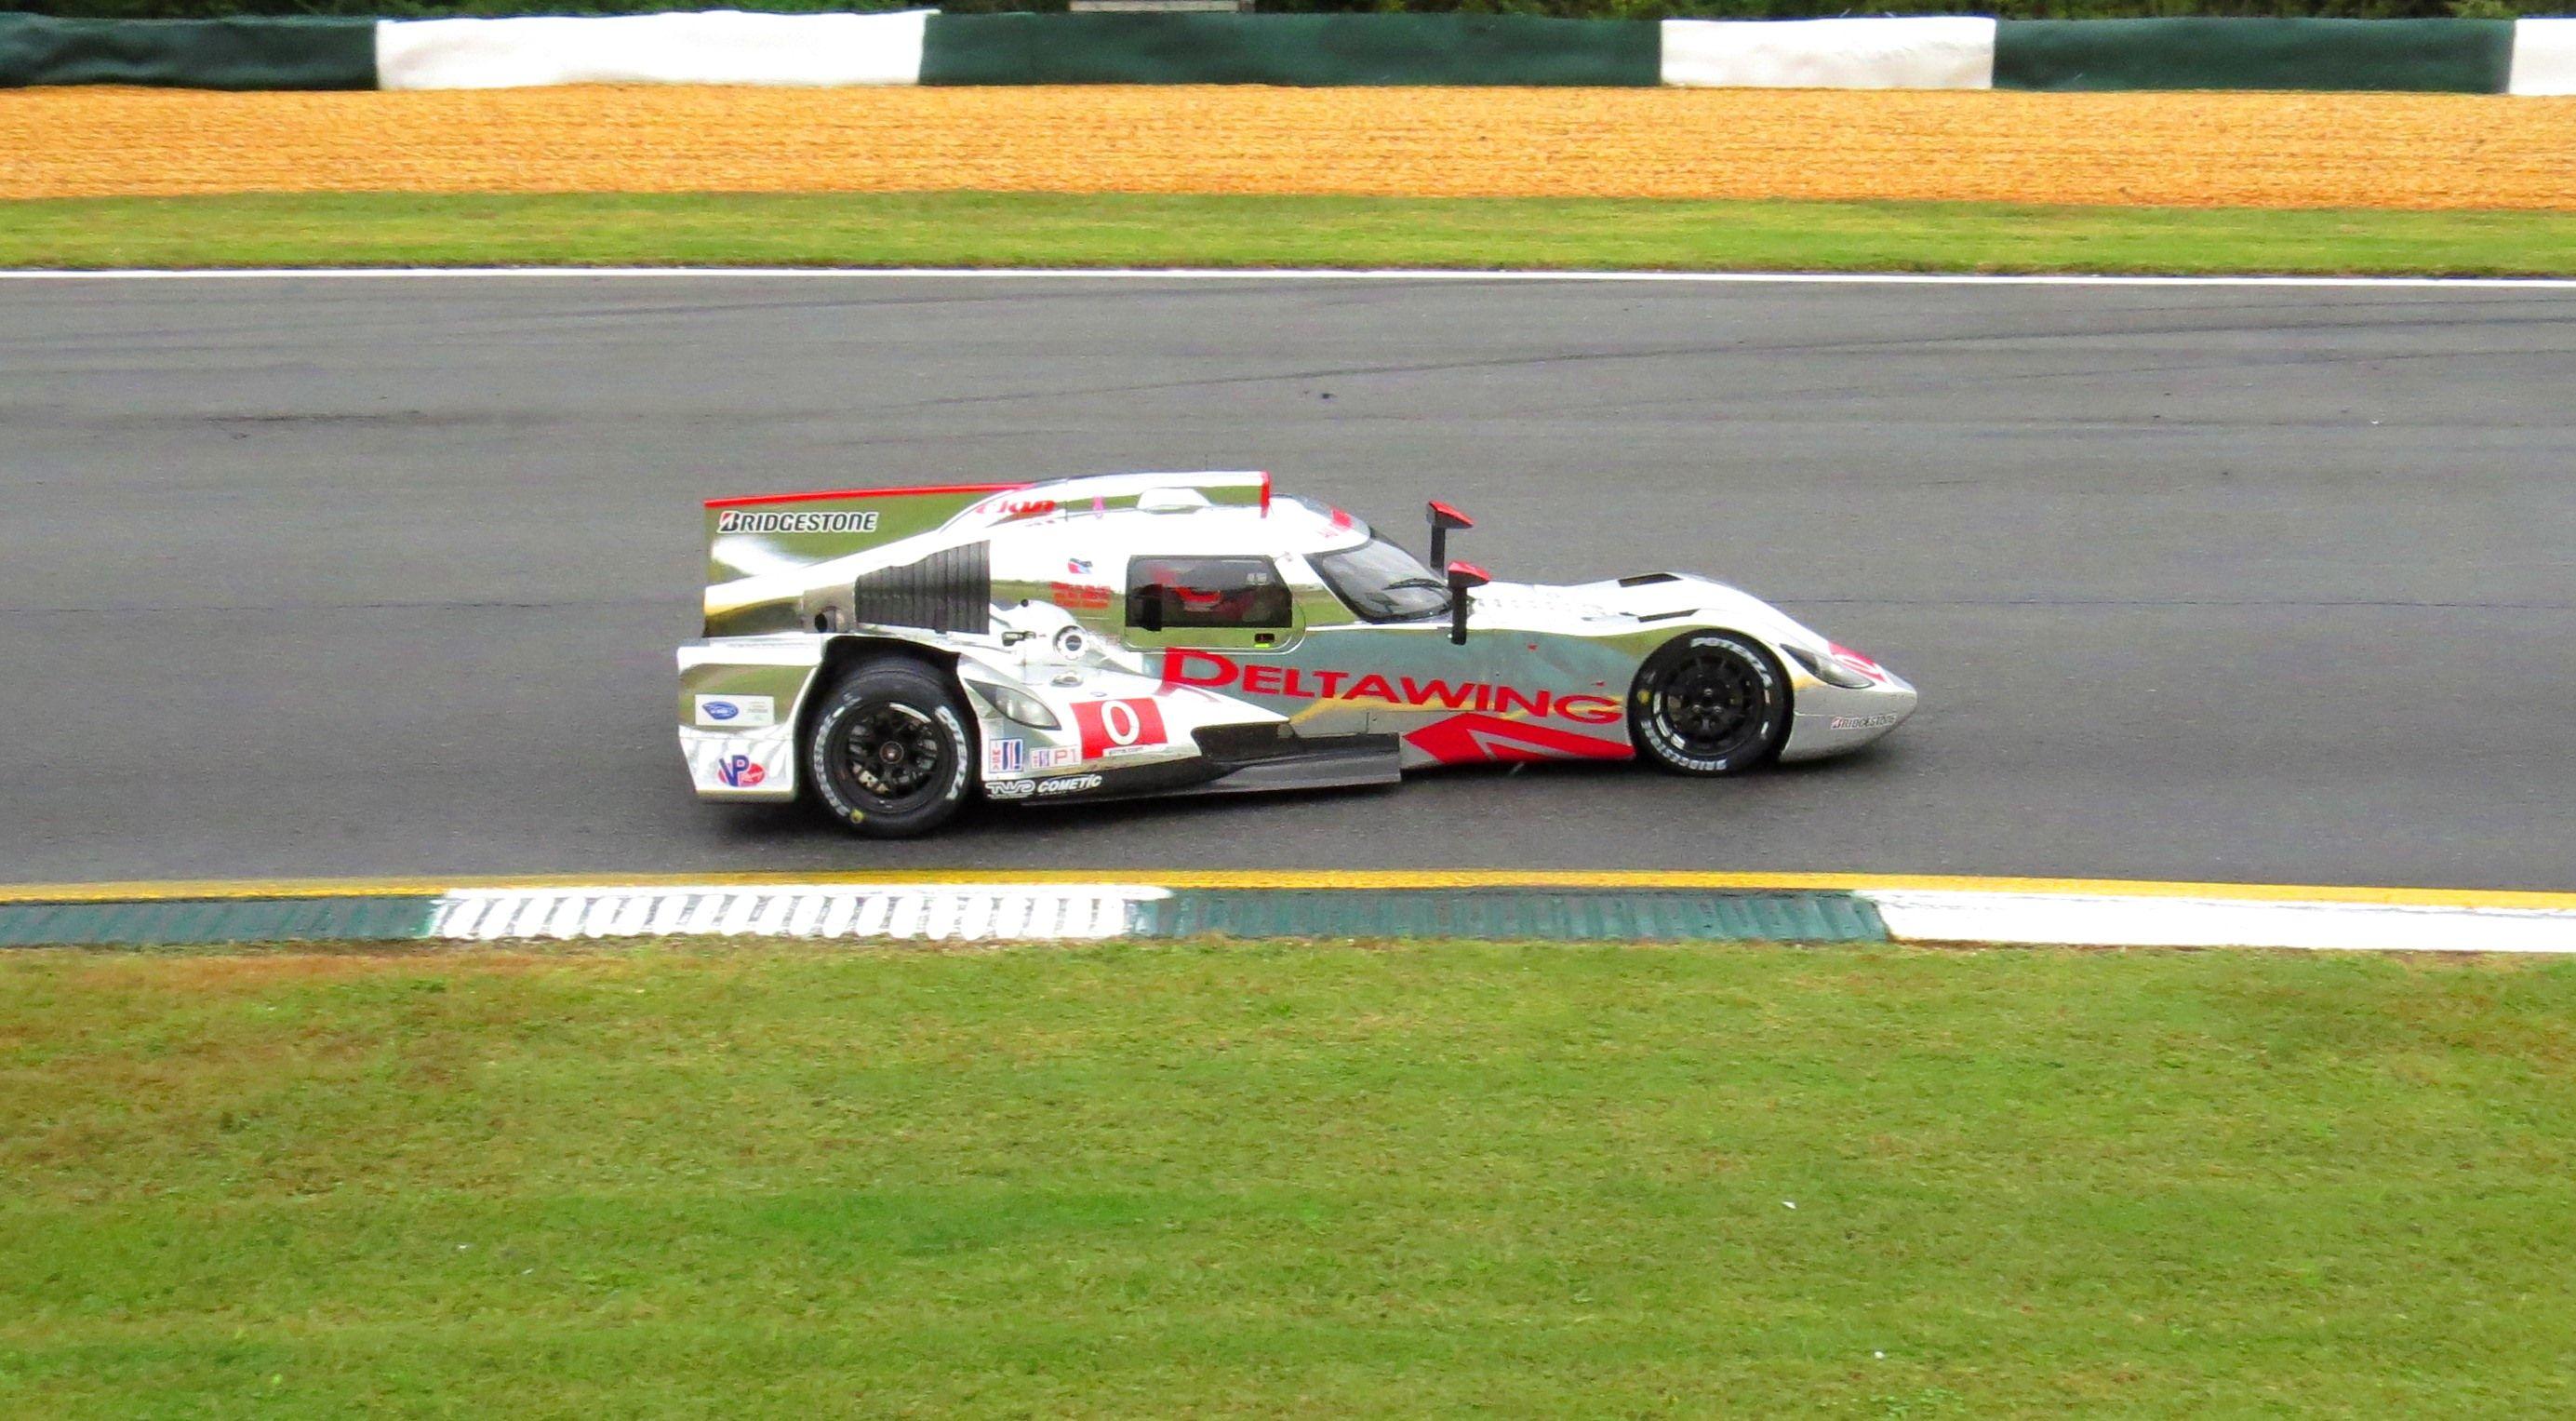 Deltawing turn 6 Road Atlanta 2013 Petit Le Mans Le mans